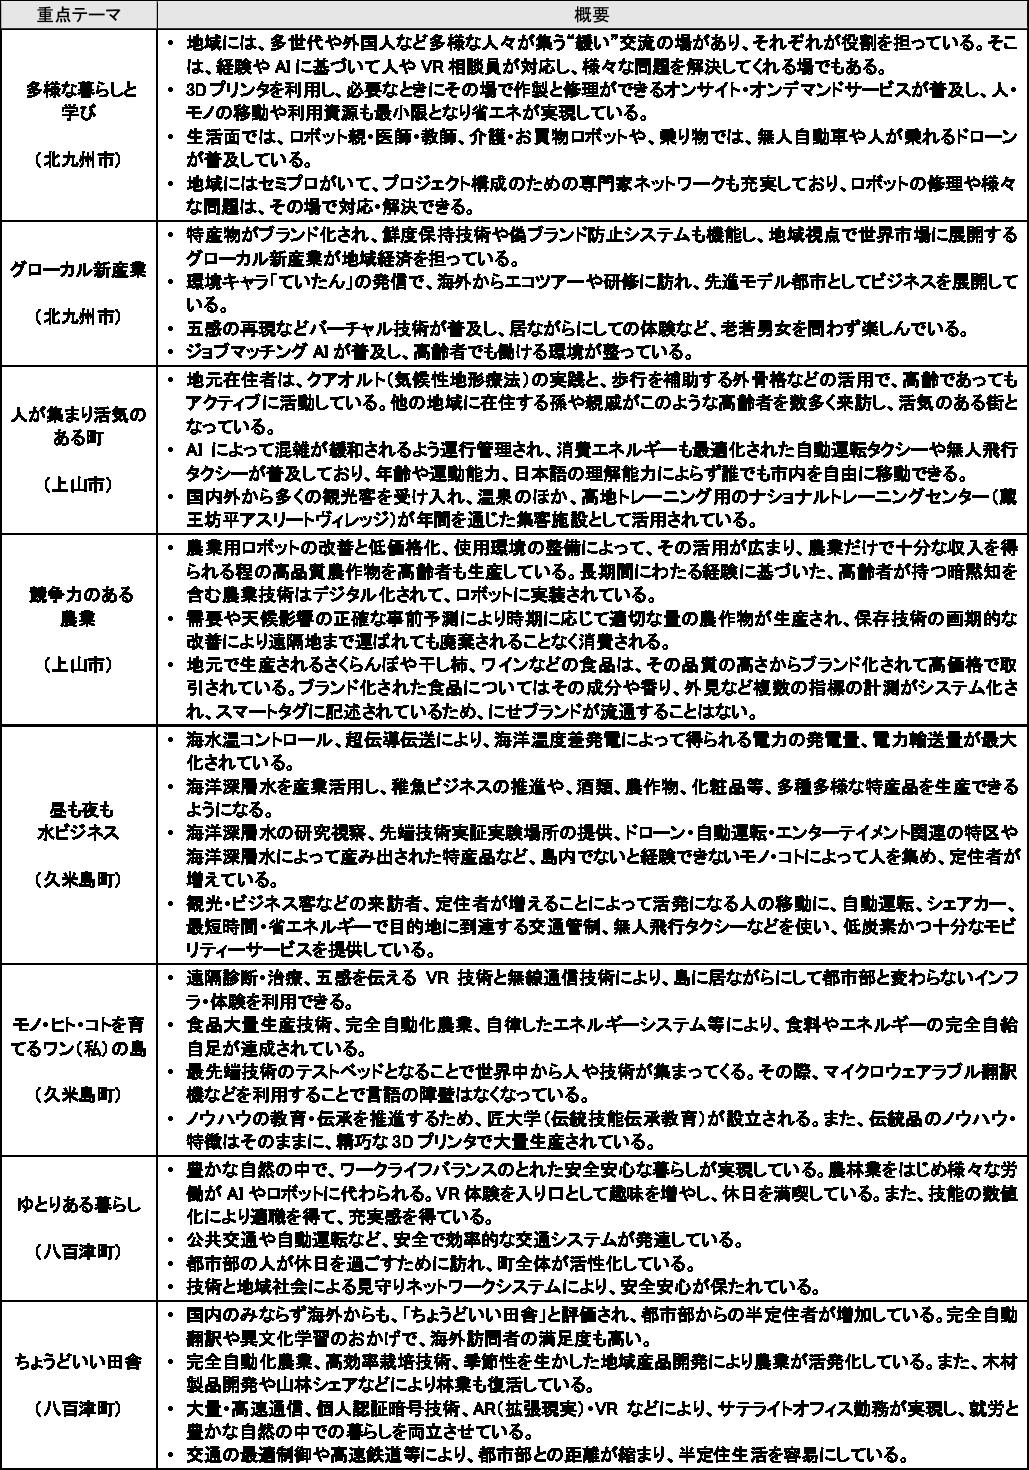 図表2 グループから提案された重点テーマ